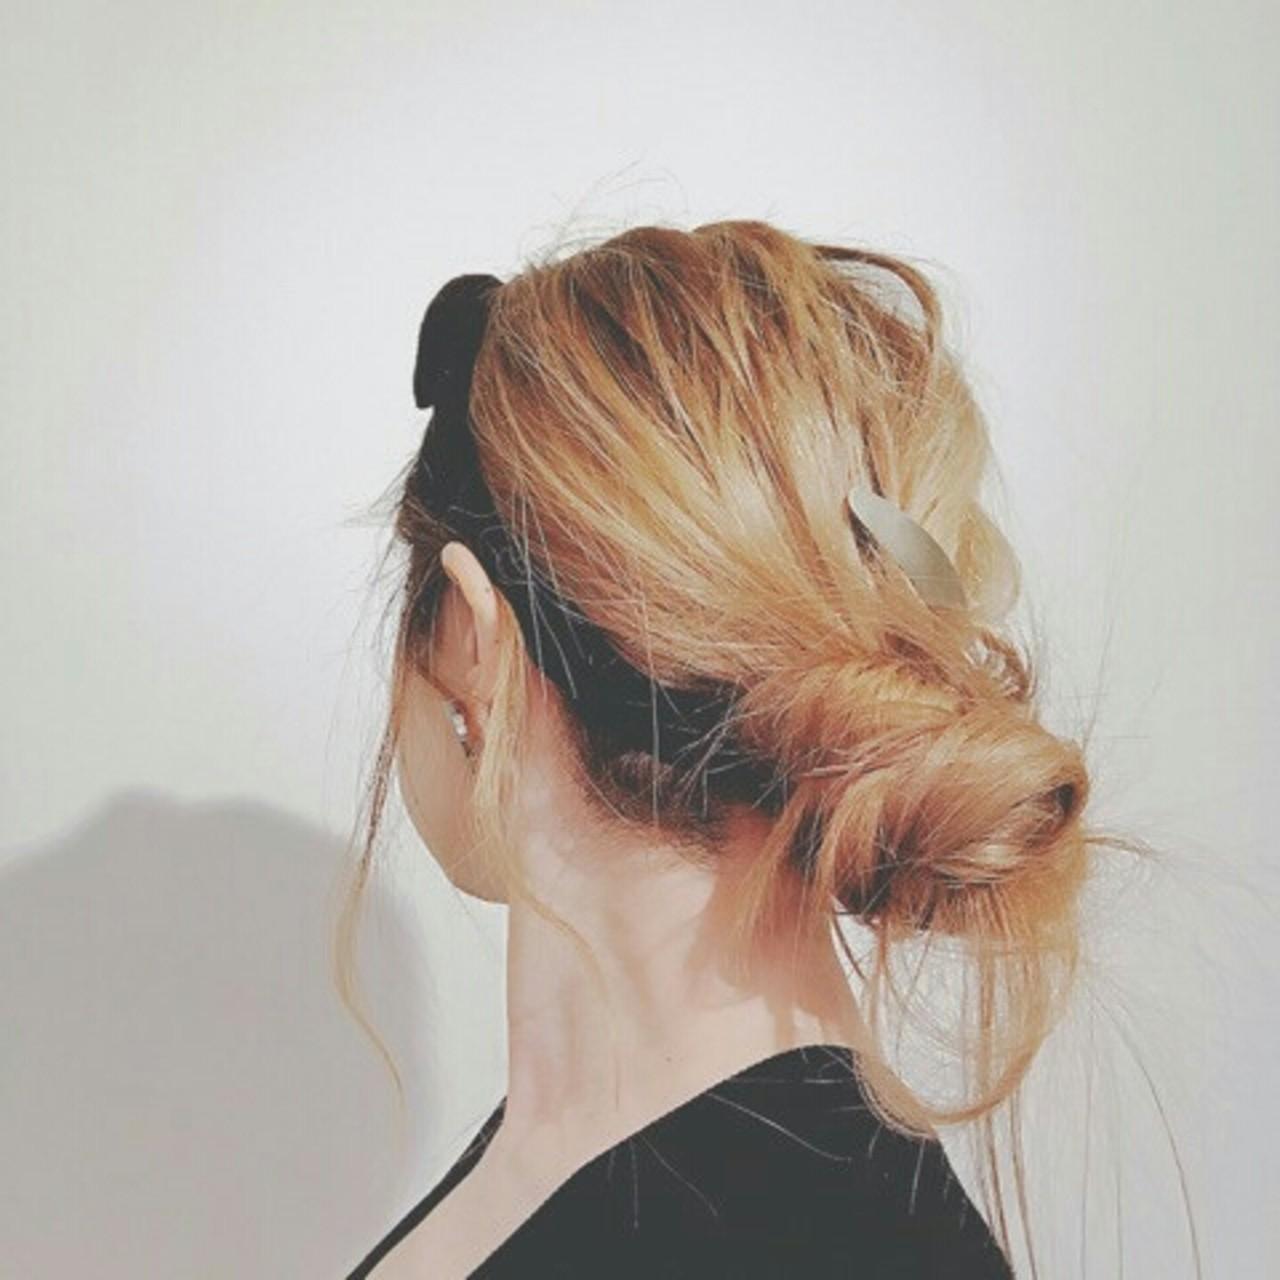 ヘアアレンジ 春 ストリート ロング ヘアスタイルや髪型の写真・画像